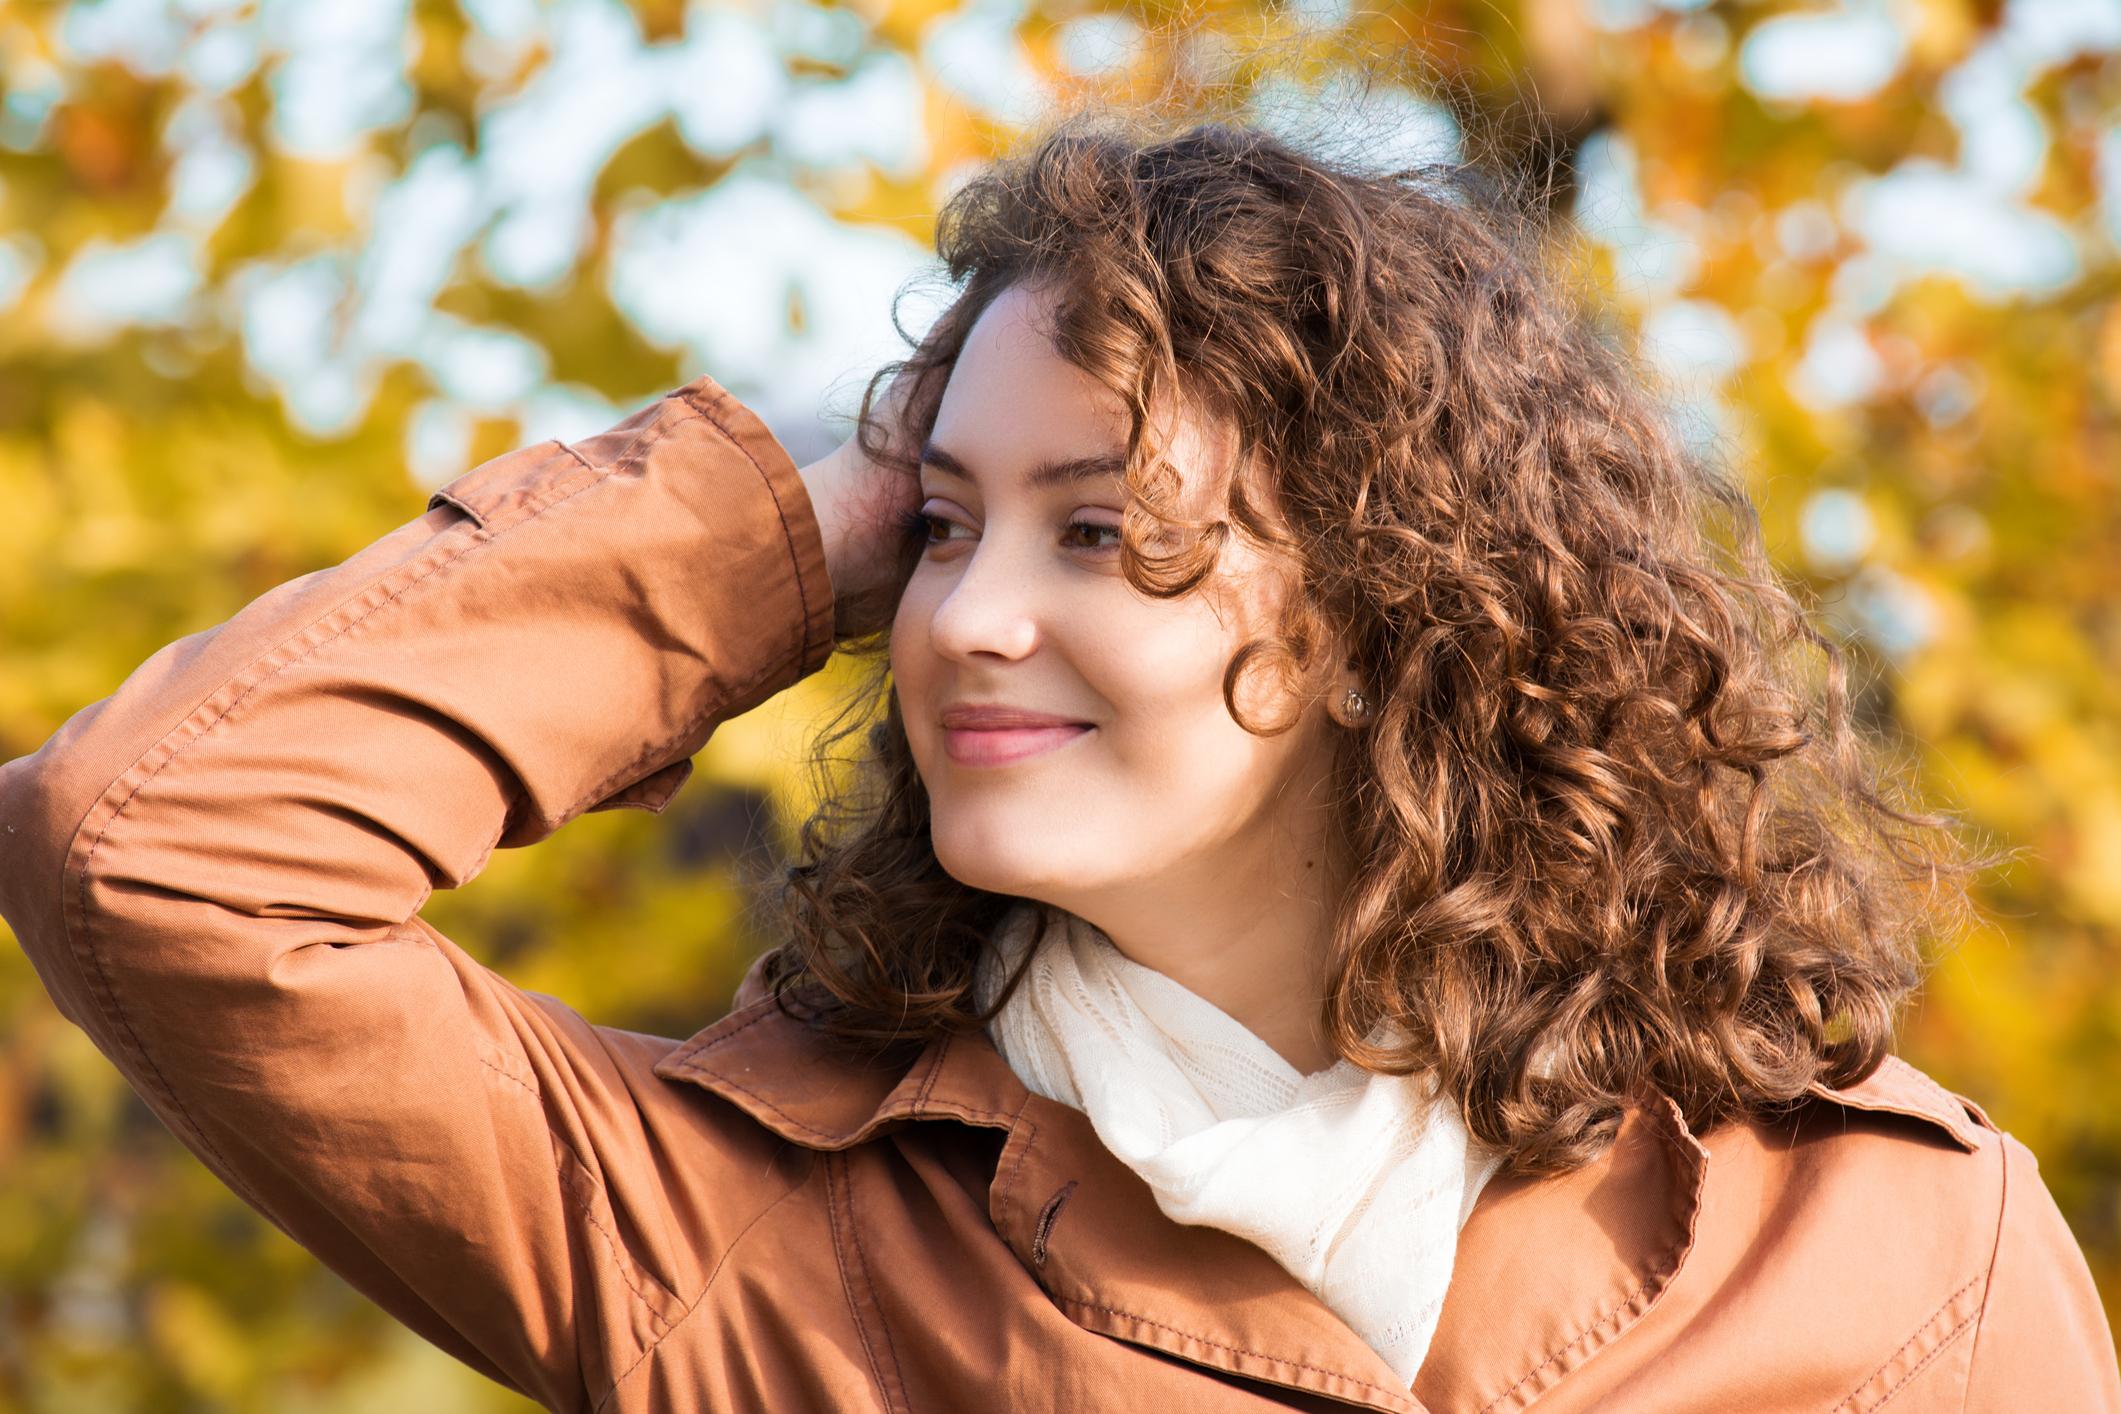 cabelos com luzes 4 3 - Galeria dos cabelos com luzes: fotos, ideias e as melhores dicas para apostar no estilo!